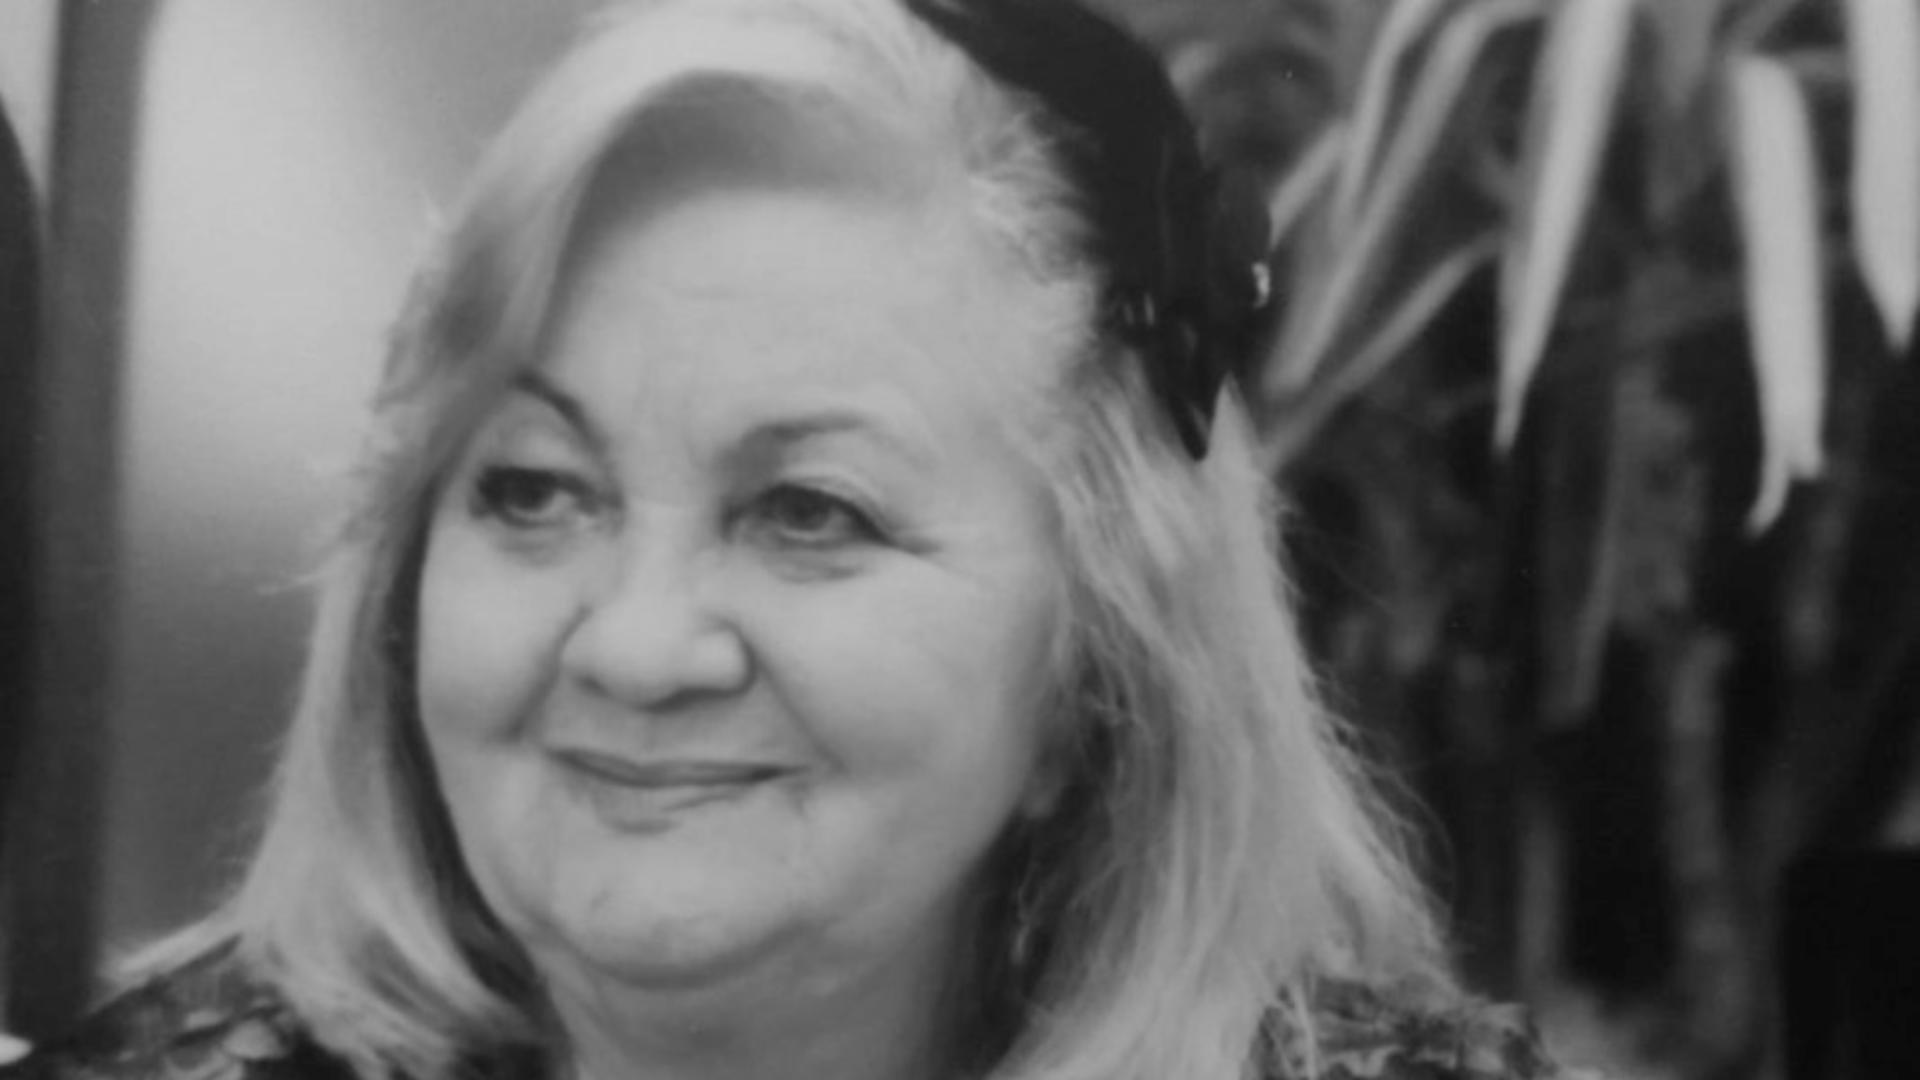 Anișoara Păunescu